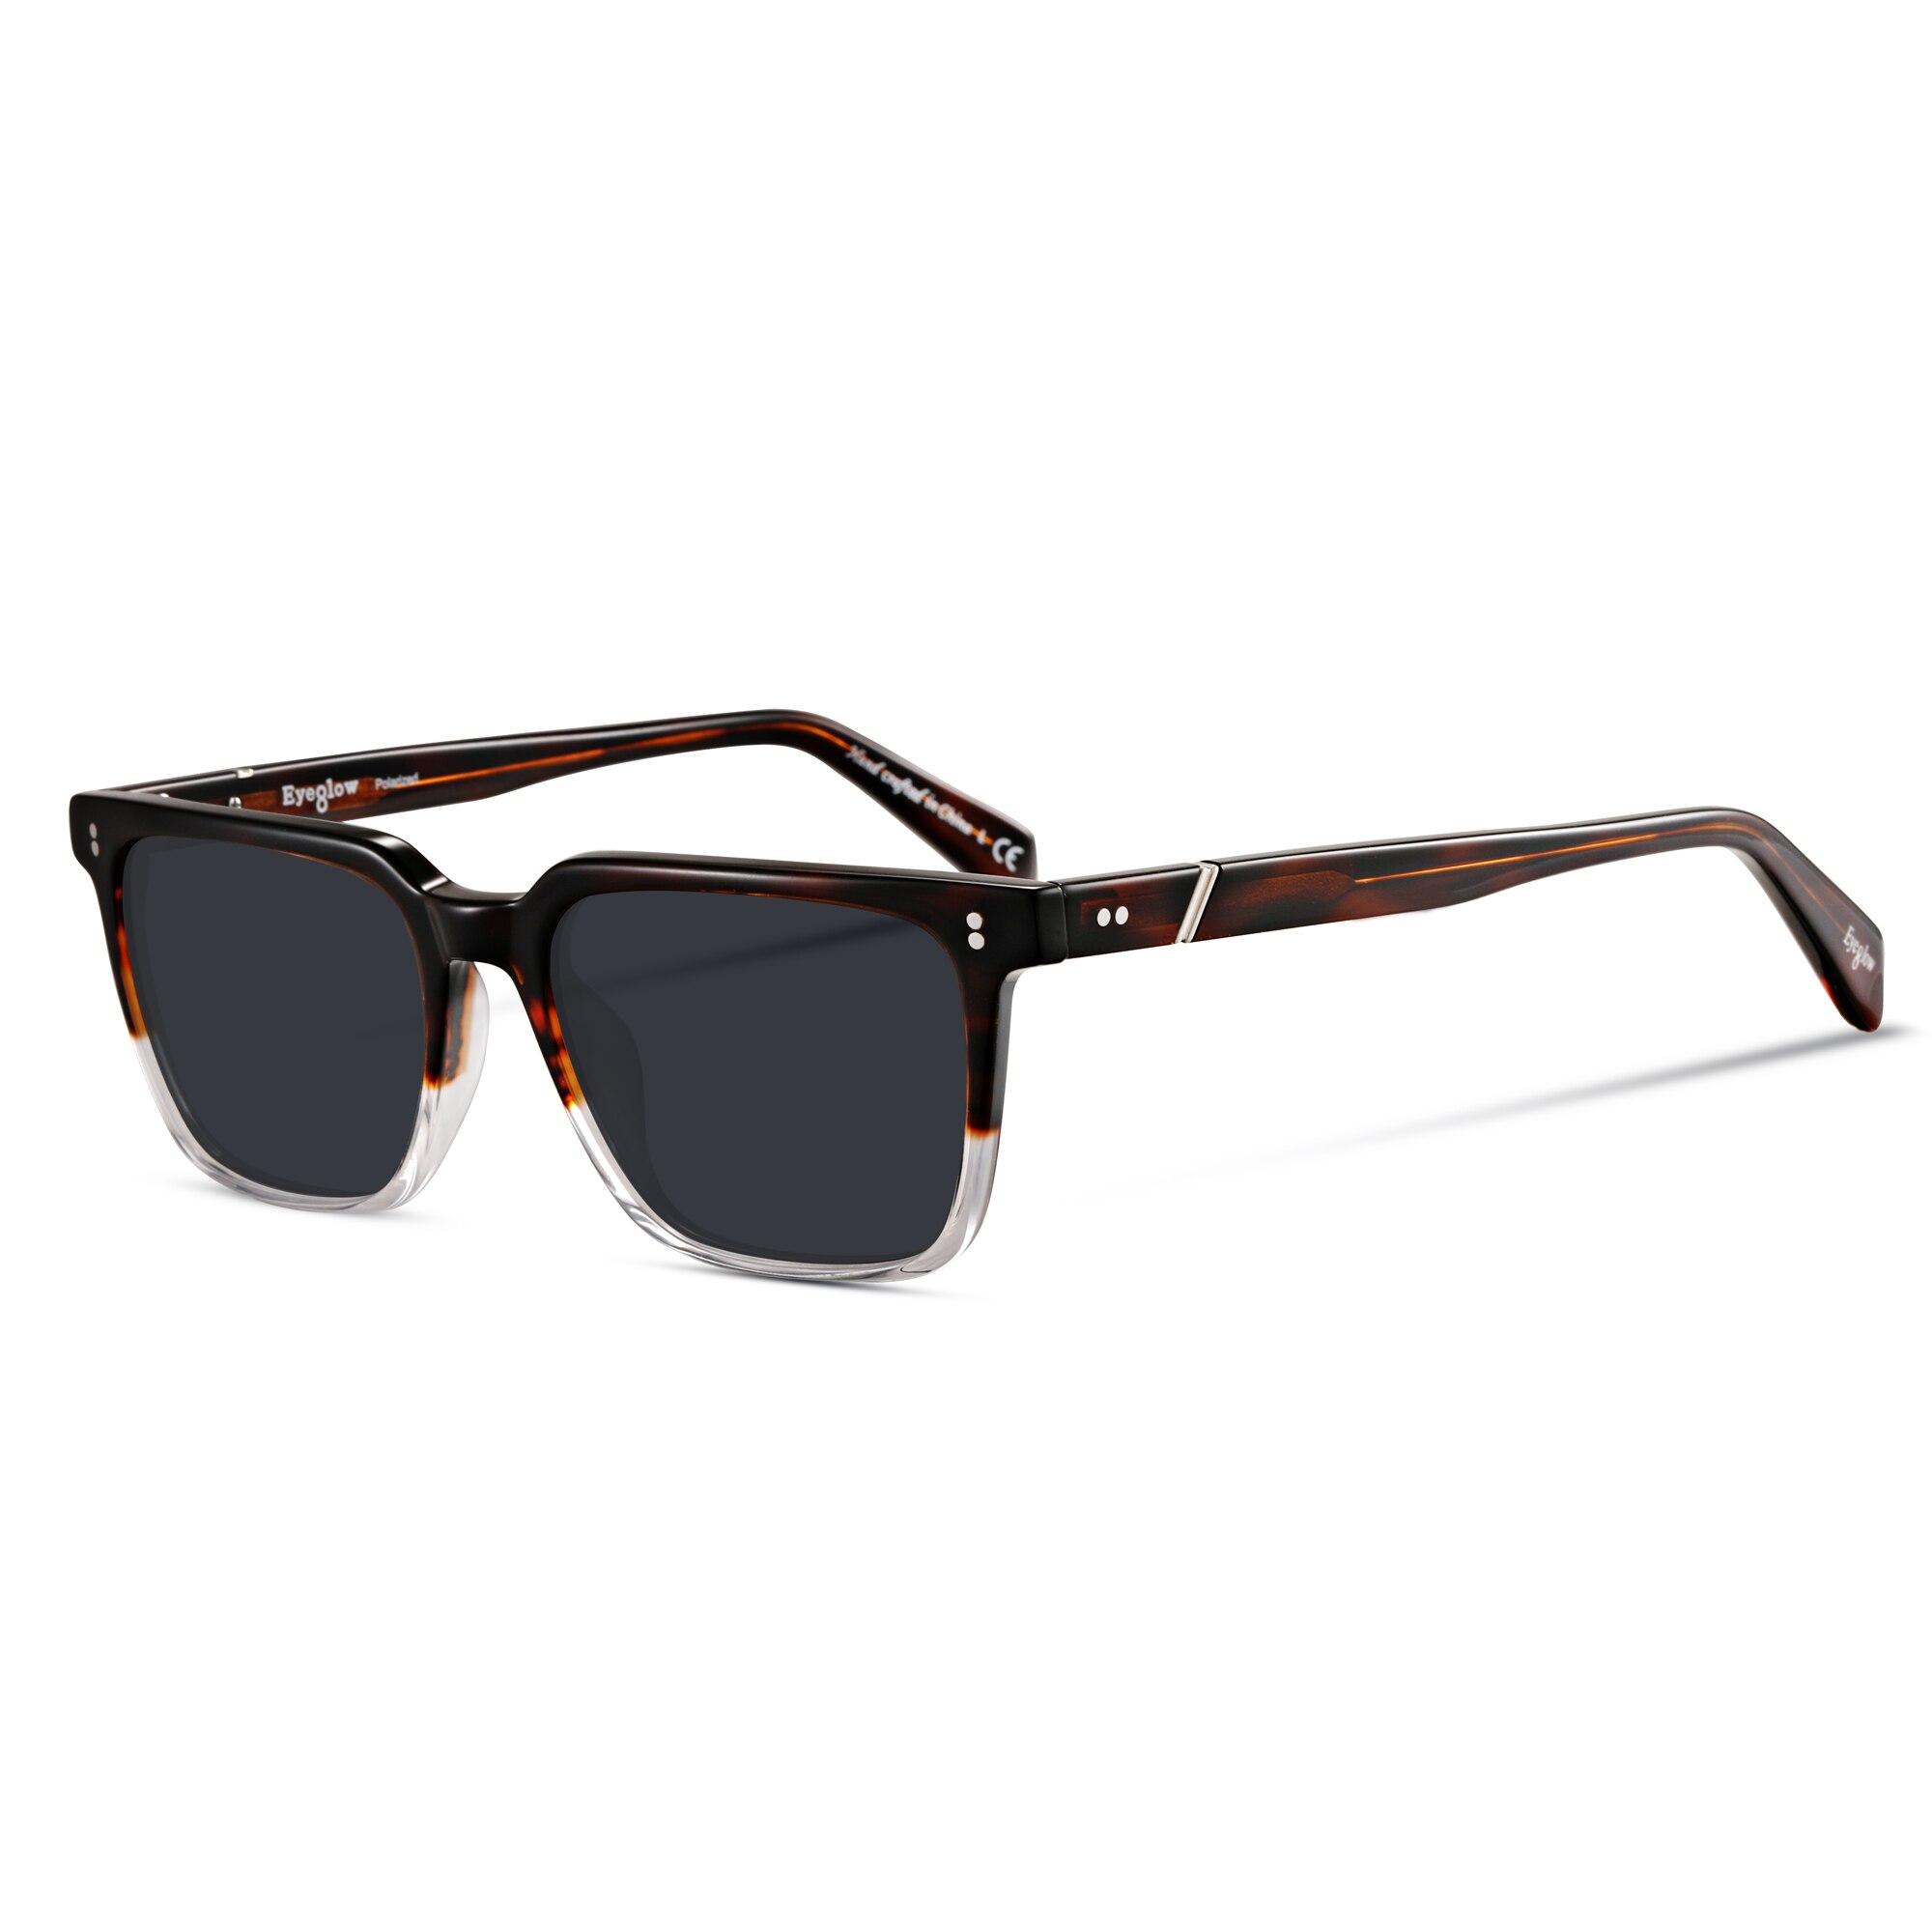 Square sunglasses men wide size luxury brand design sun glasses for men polarized